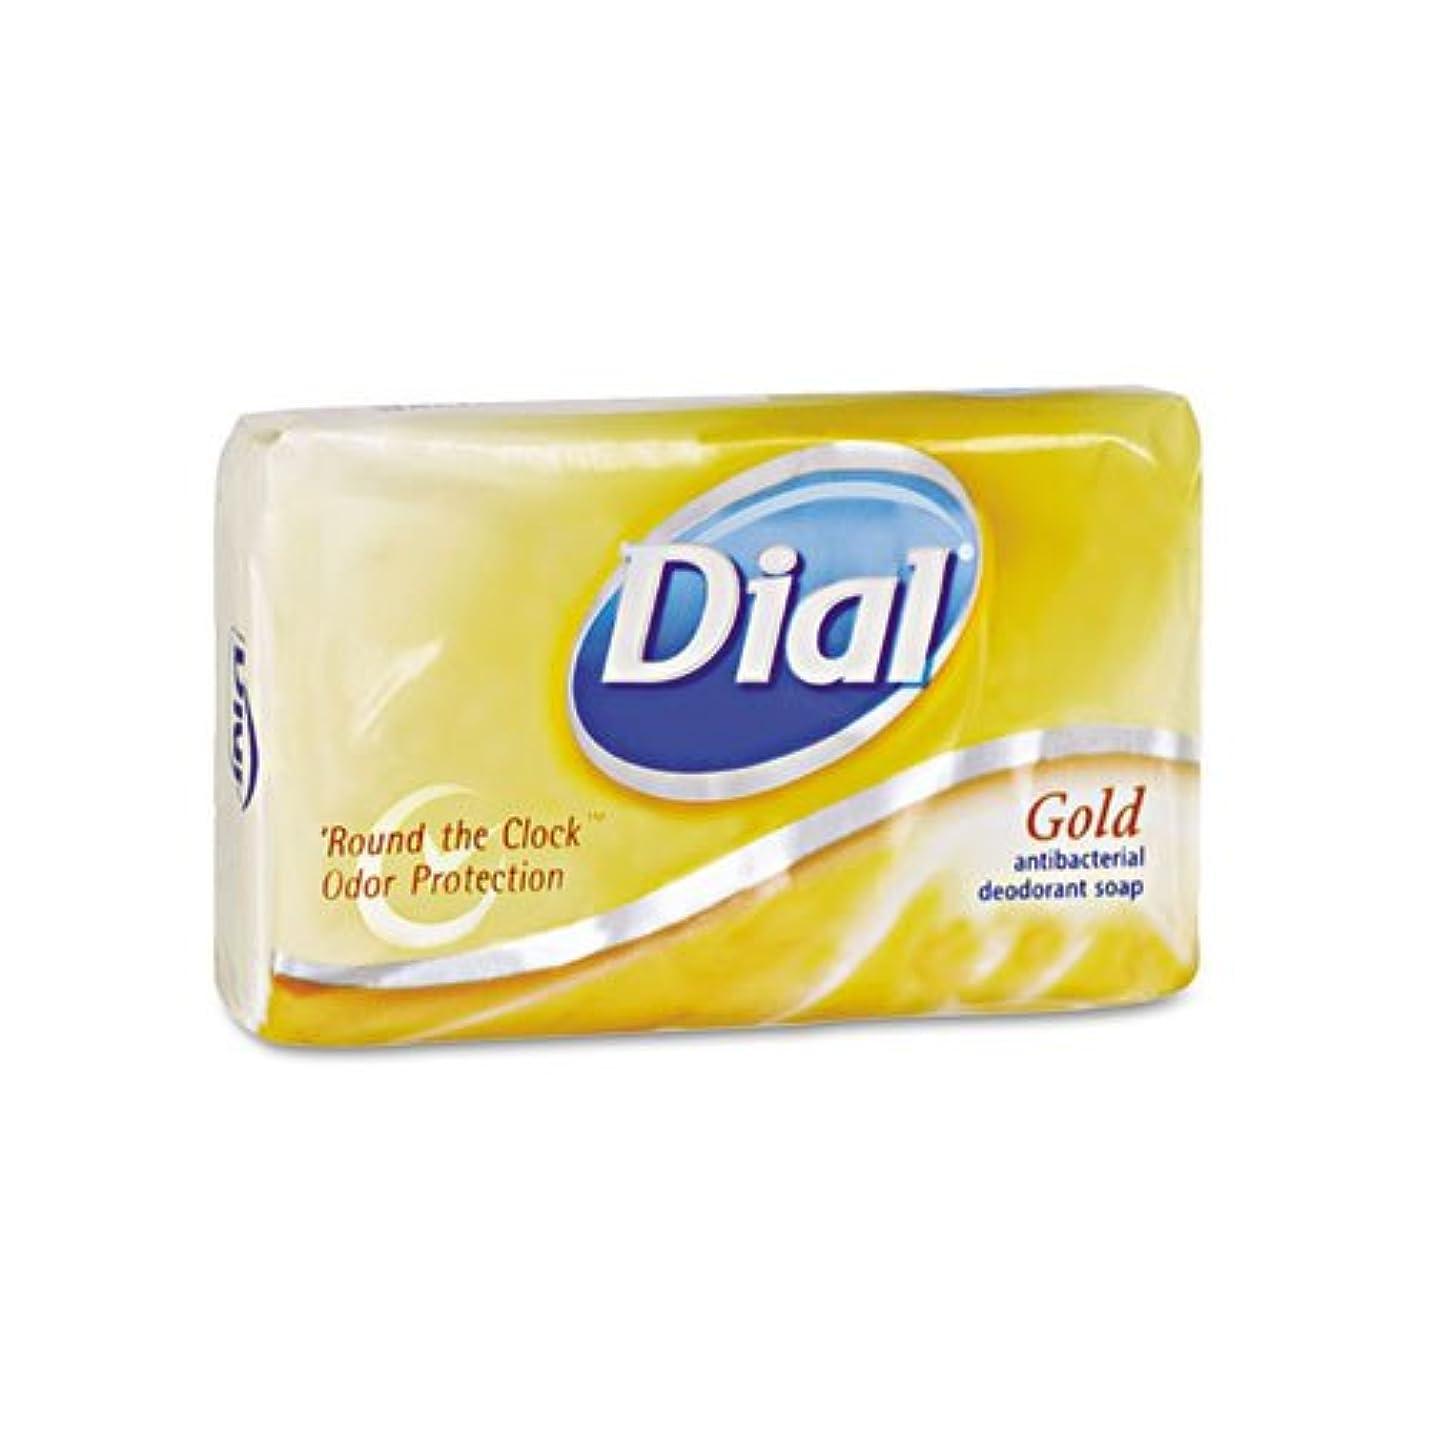 ダイヤル& # xFFFD ;抗菌Deodorant Bar Soap、個別包装、ゴールド、4オンス